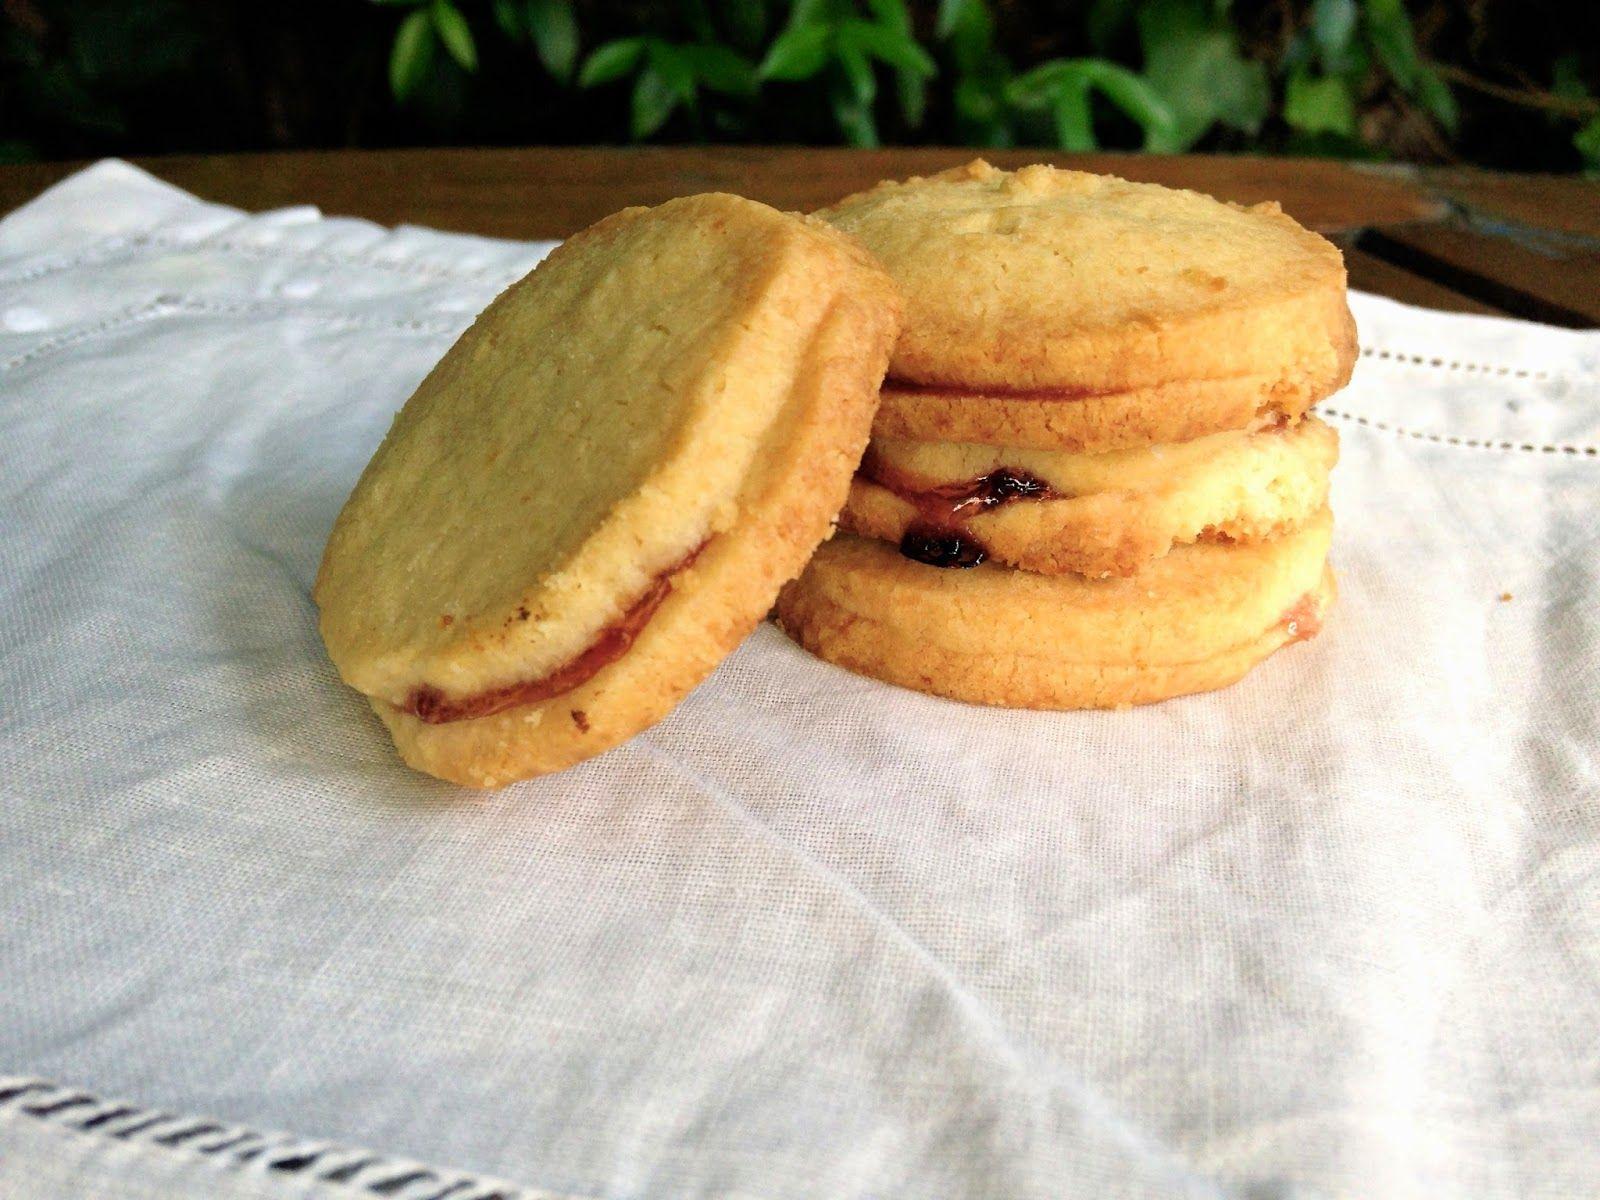 Delipapel: Receta galletas de mantequilla con mermelada